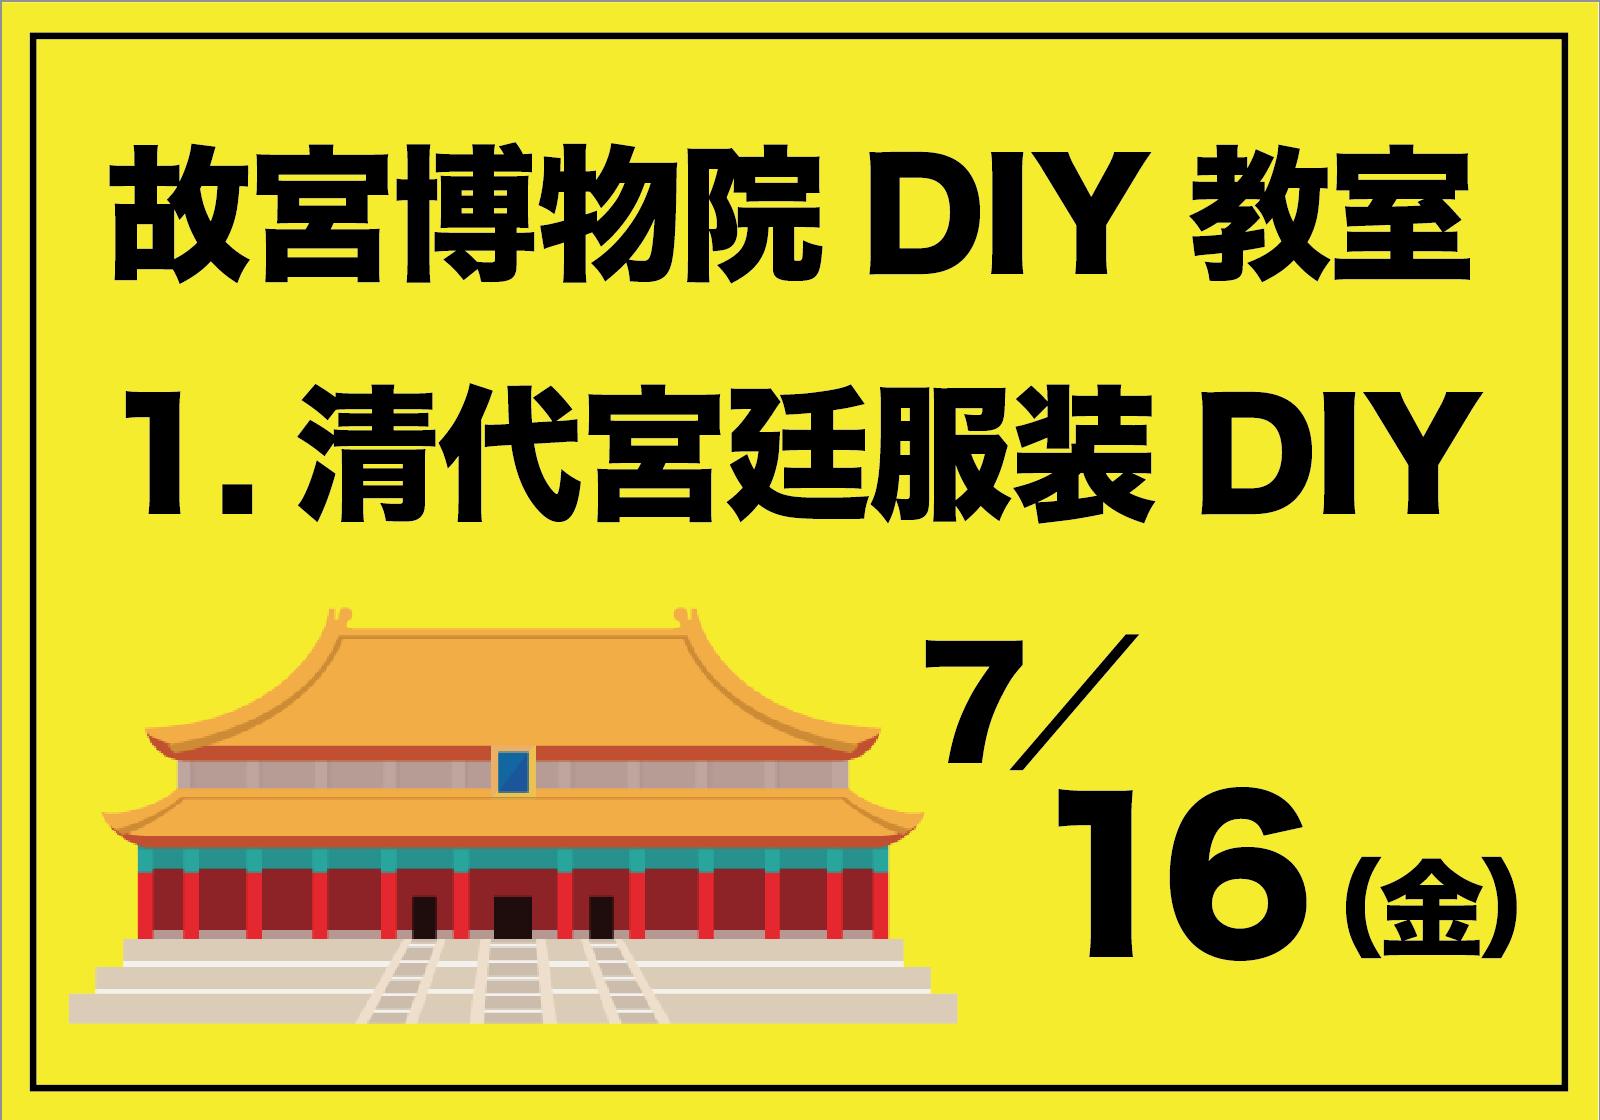 故宮博物院DIY教室「1.清代宮廷服装DIY」7月16日